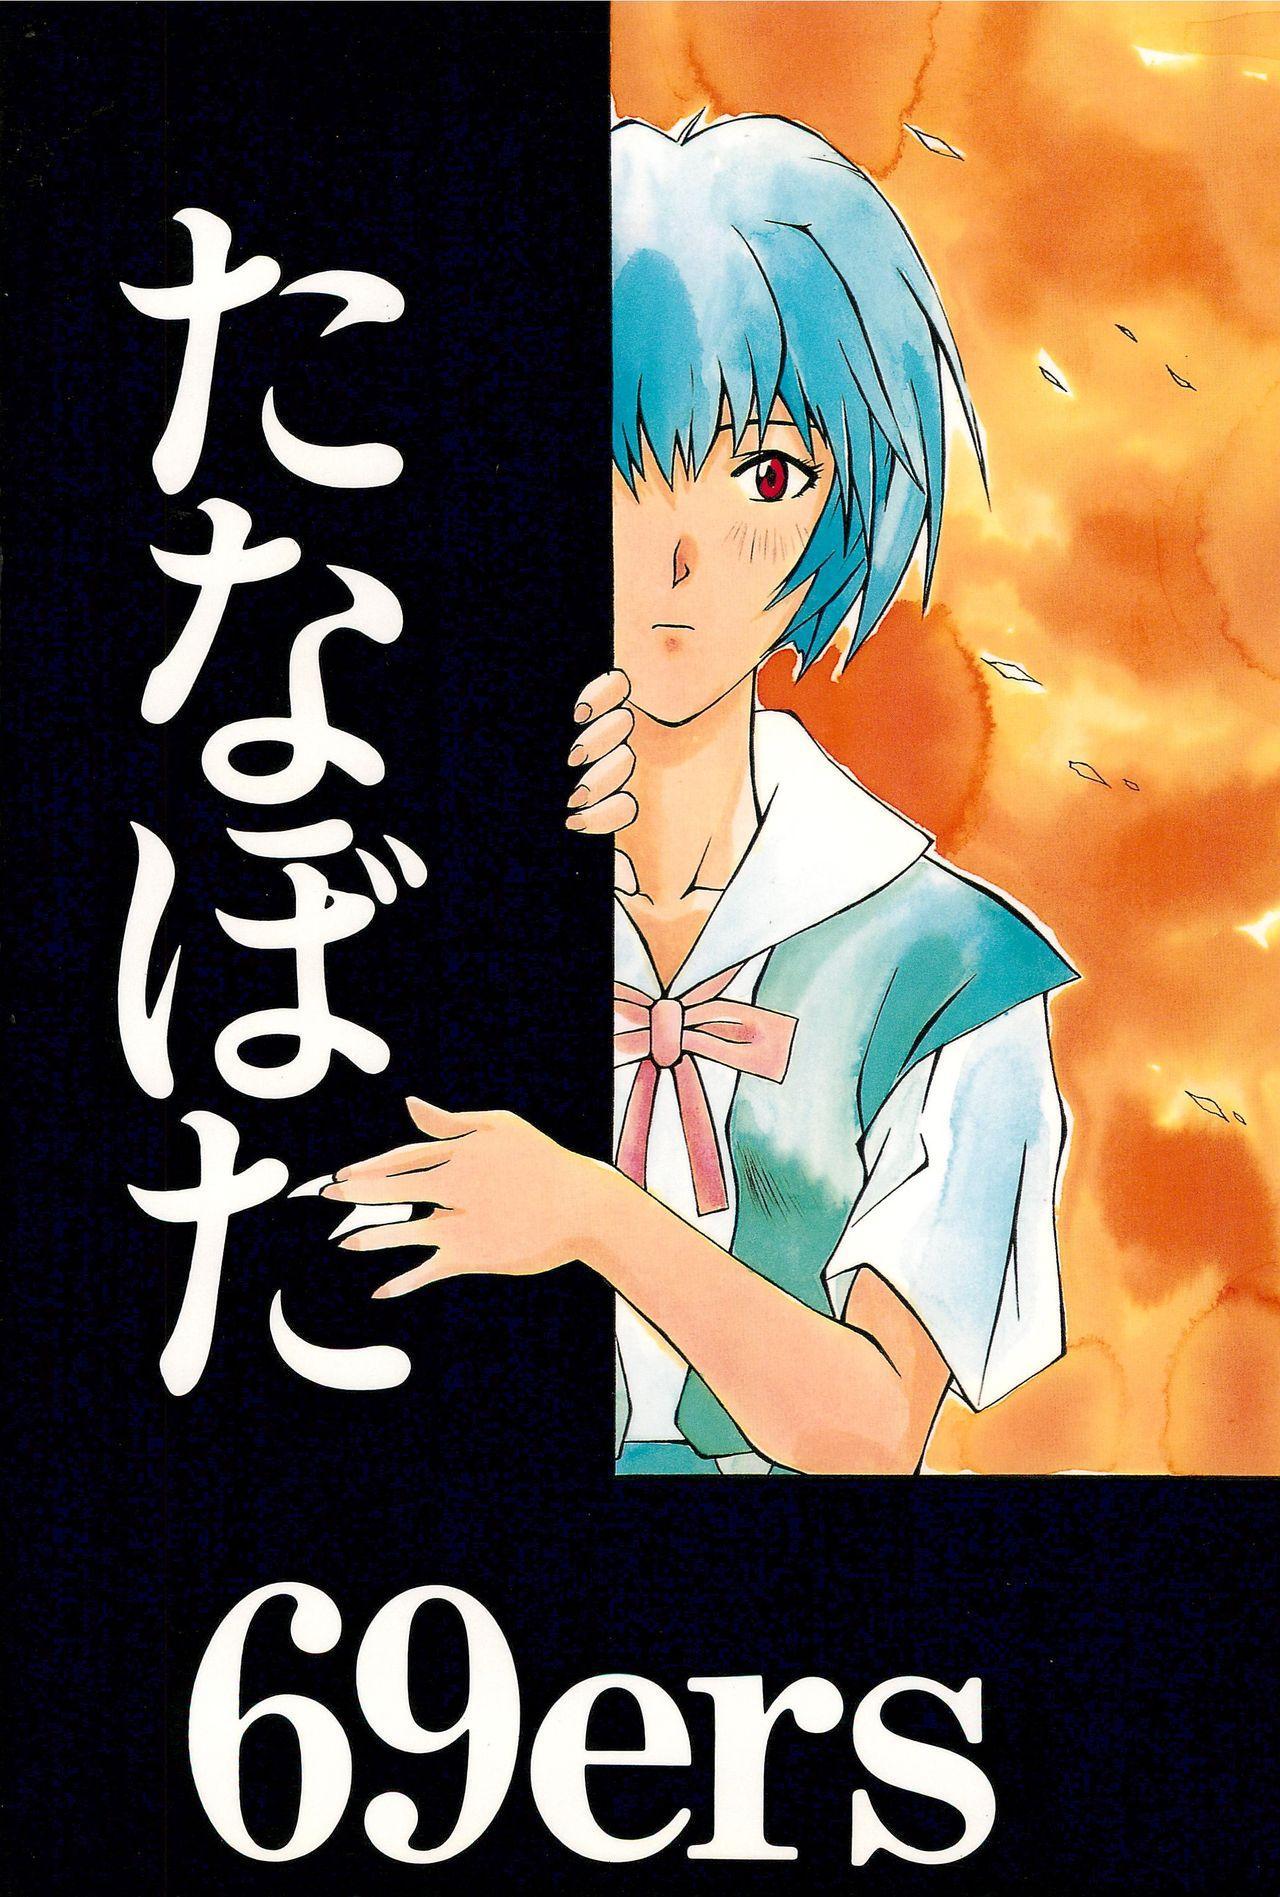 Youseiki Evanlolibon 87